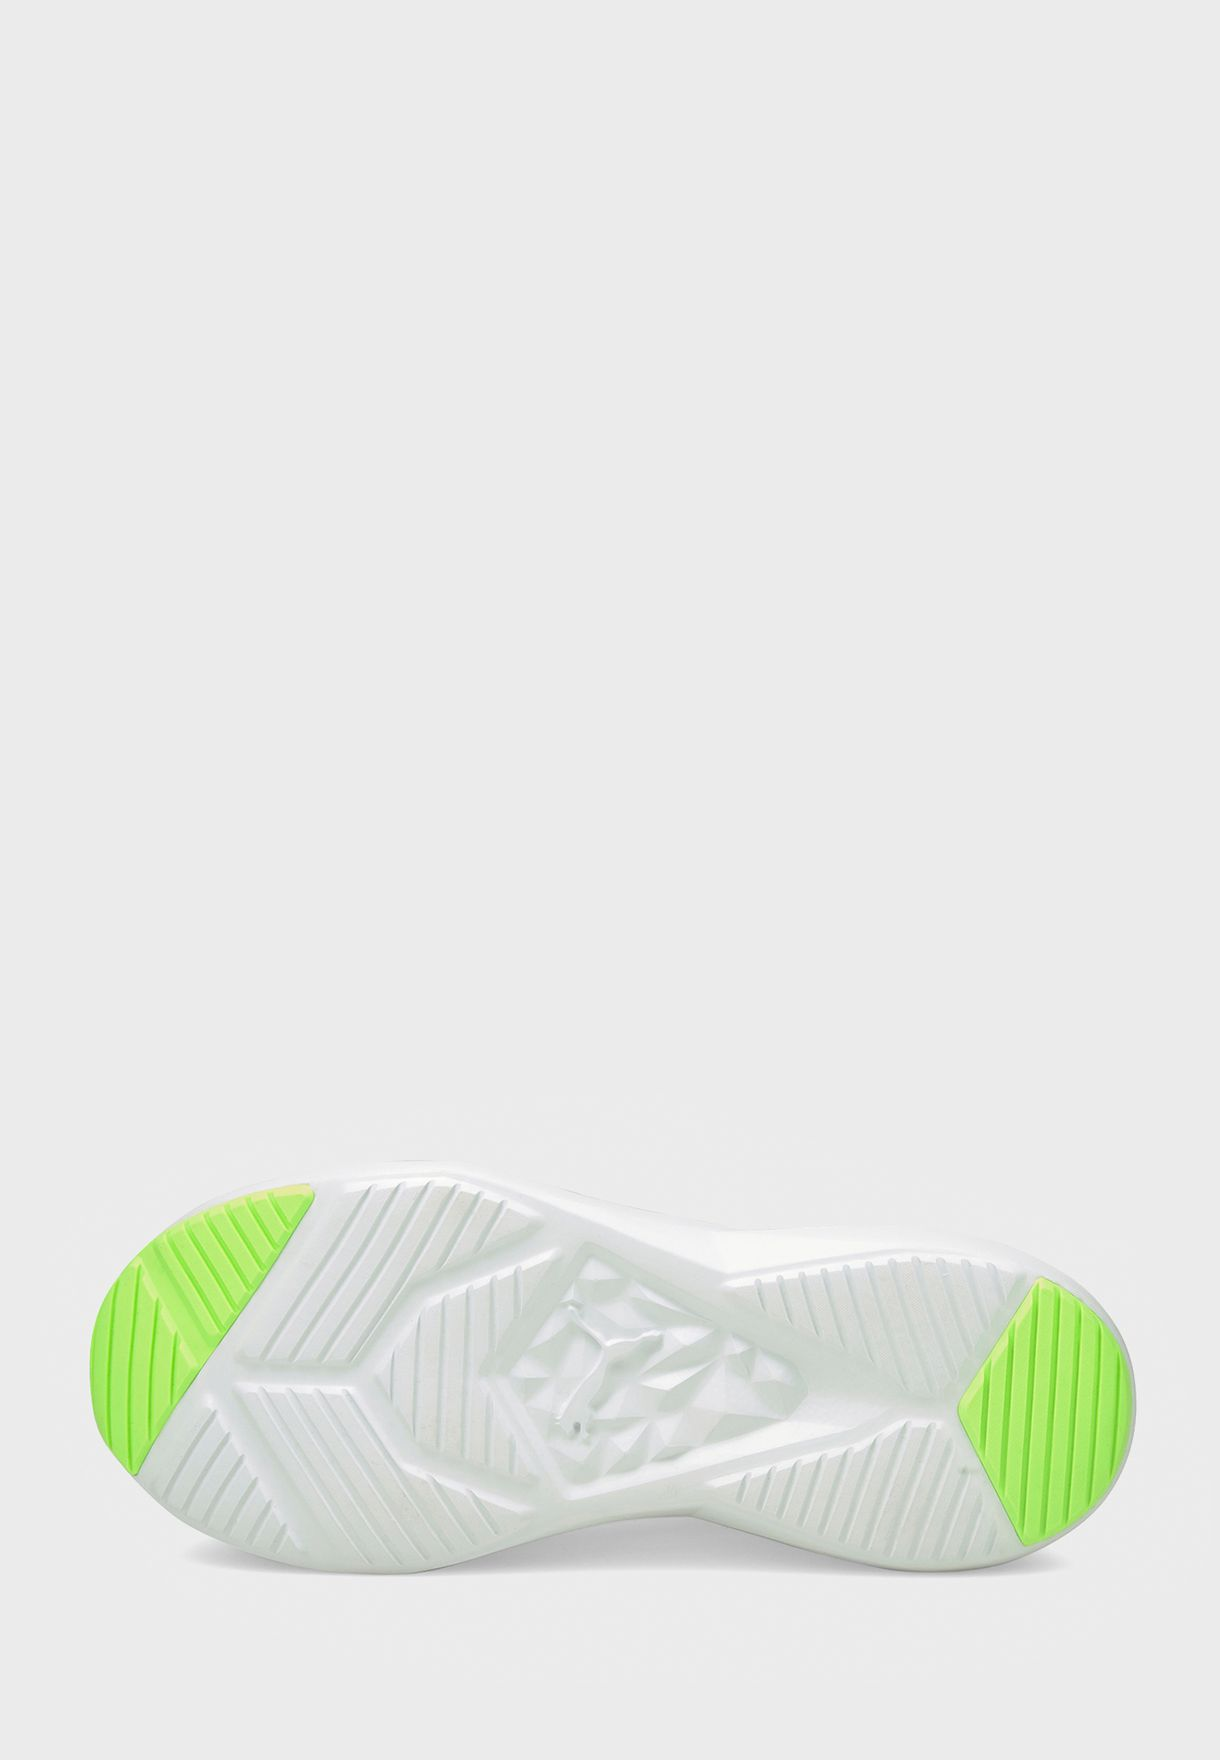 حذاء سوفت رايد انزو ان اكس تي اس بي